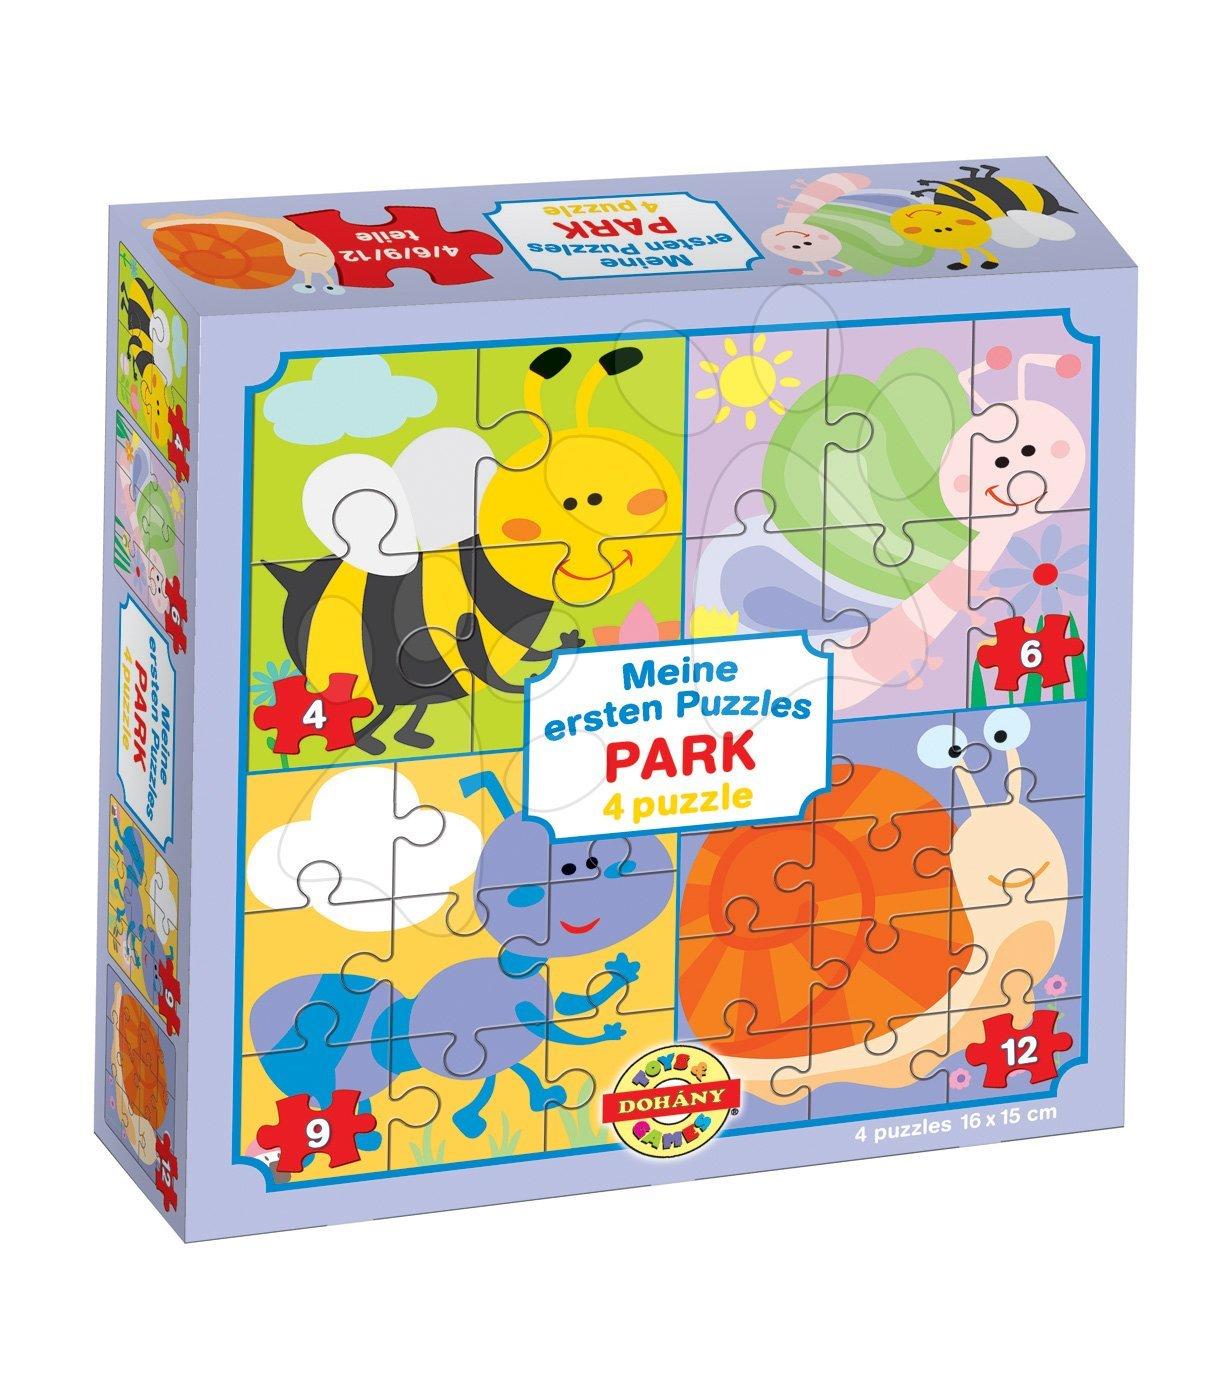 Dohány detské puzzle Moje prvé puzzle park 500-4